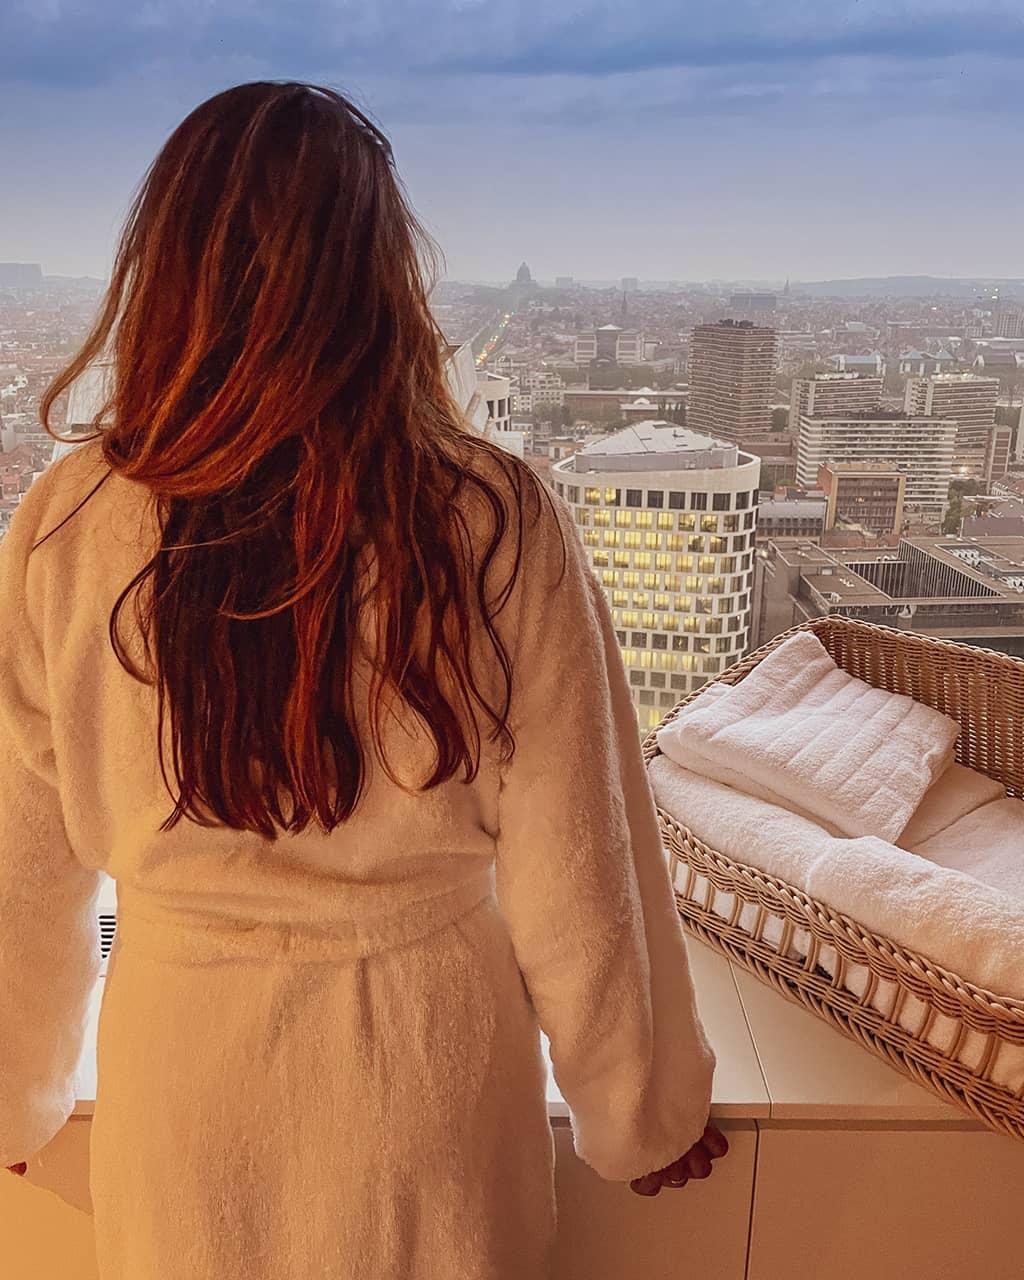 Découvrir Bruxelles autrement avec le pack ADD CULTURE TO YOUR DAY du Thon Hôtel proposé à 99 €